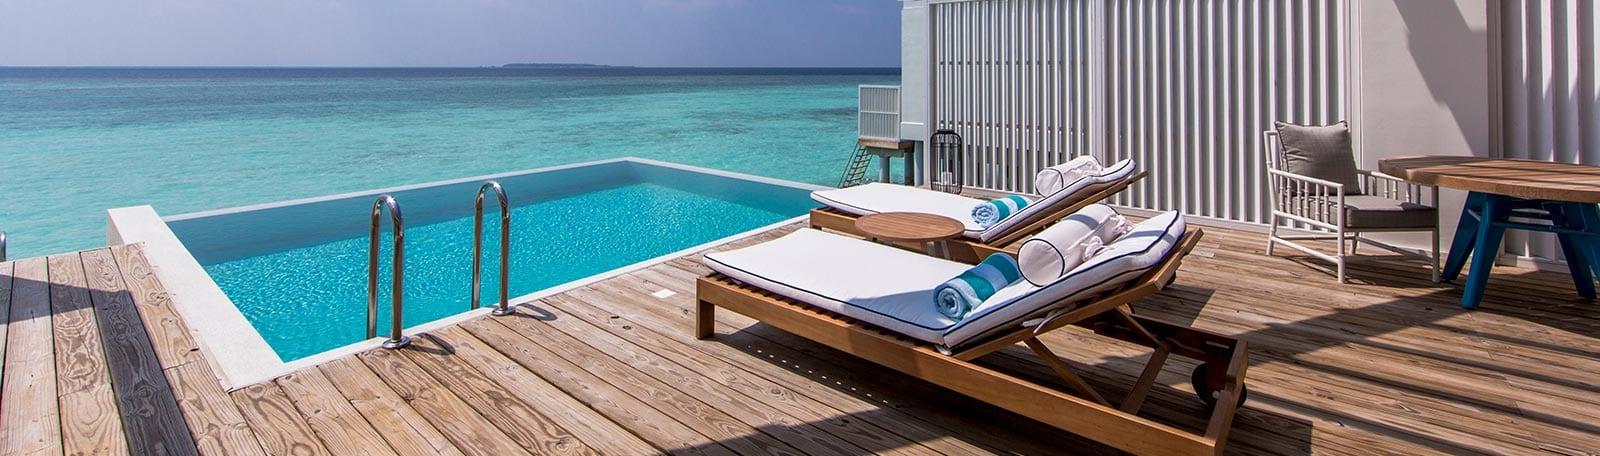 Room with lagoon view at Amilla Fushi